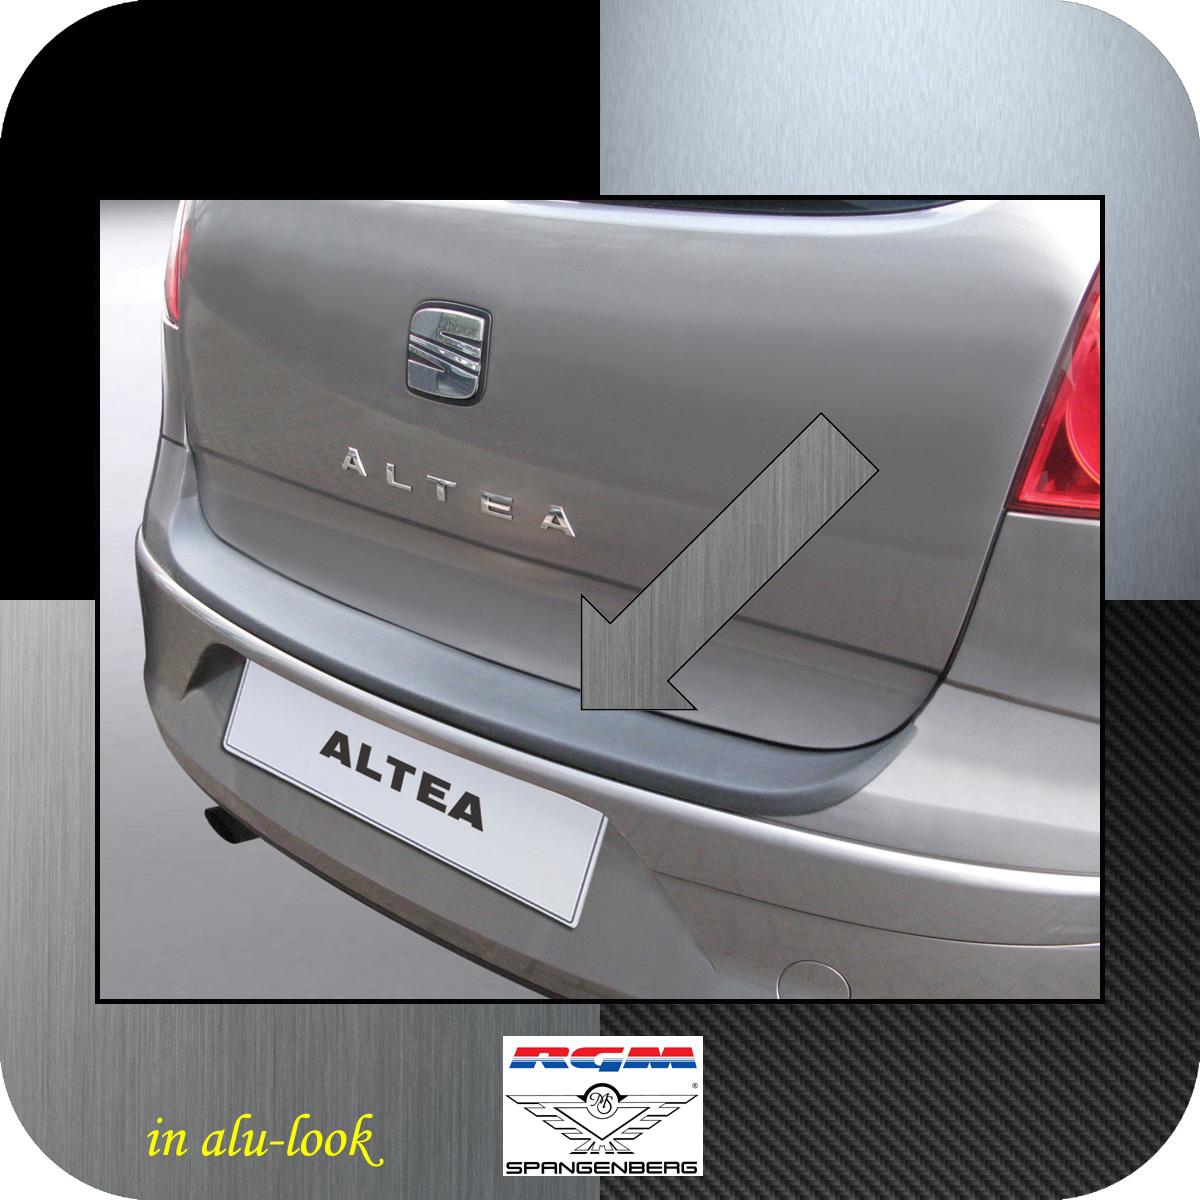 Ladekantenschutz Alu-Look Seat Altea Van Kombi vor facelift 2004-2009 3504273